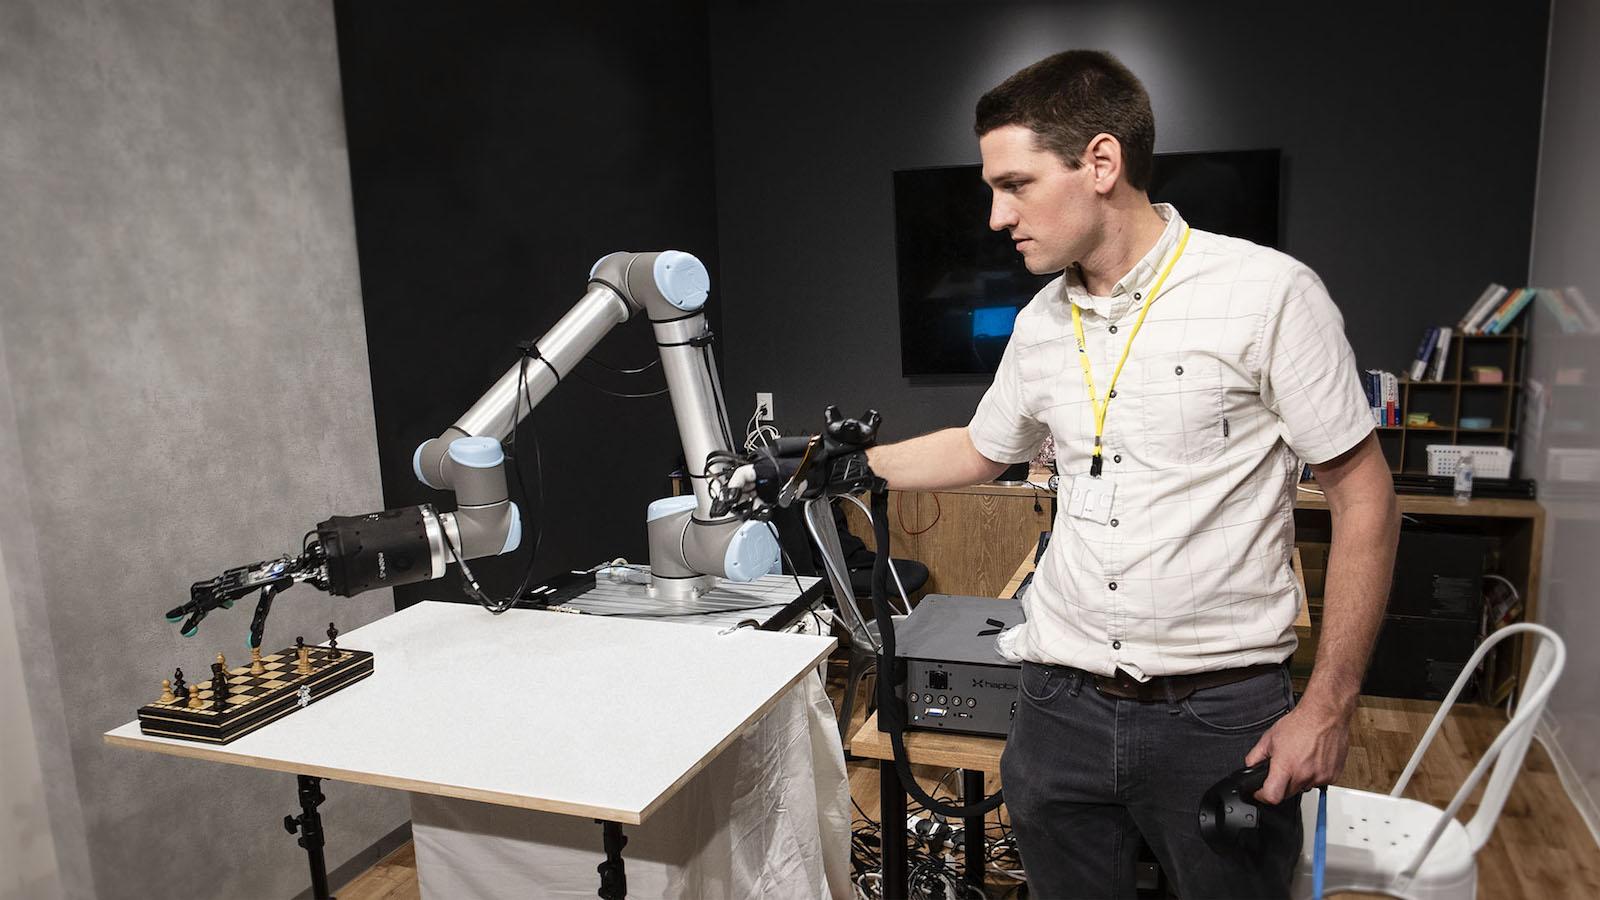 Robotická ruka umožňuje lidem cítit a přesouvat objekty ze vzdáleného místa